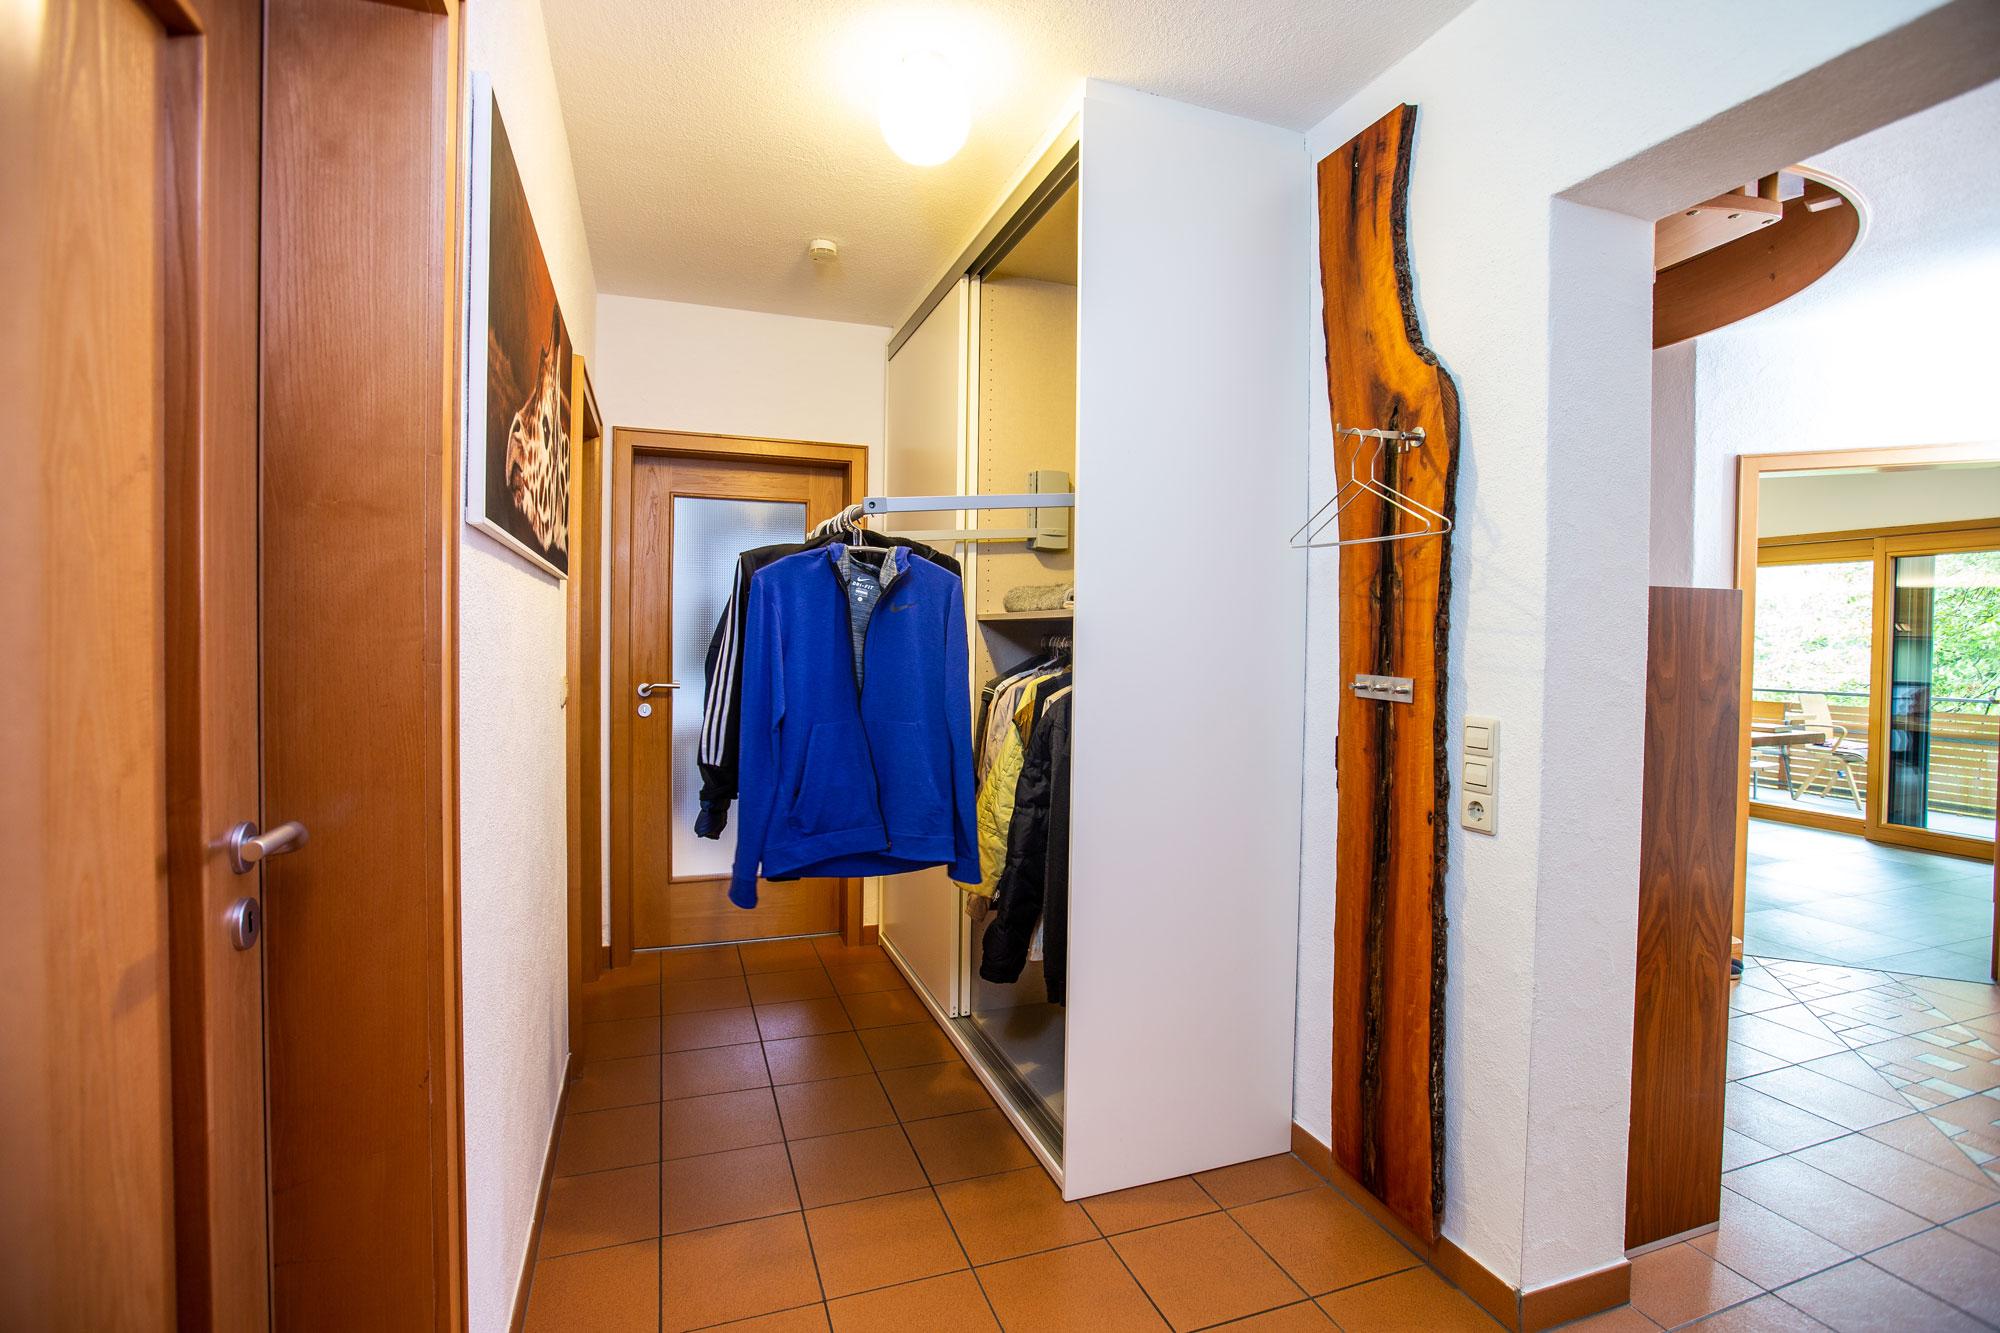 garderobe flur in die nische eingepasst die raummoebelbauer. Black Bedroom Furniture Sets. Home Design Ideas